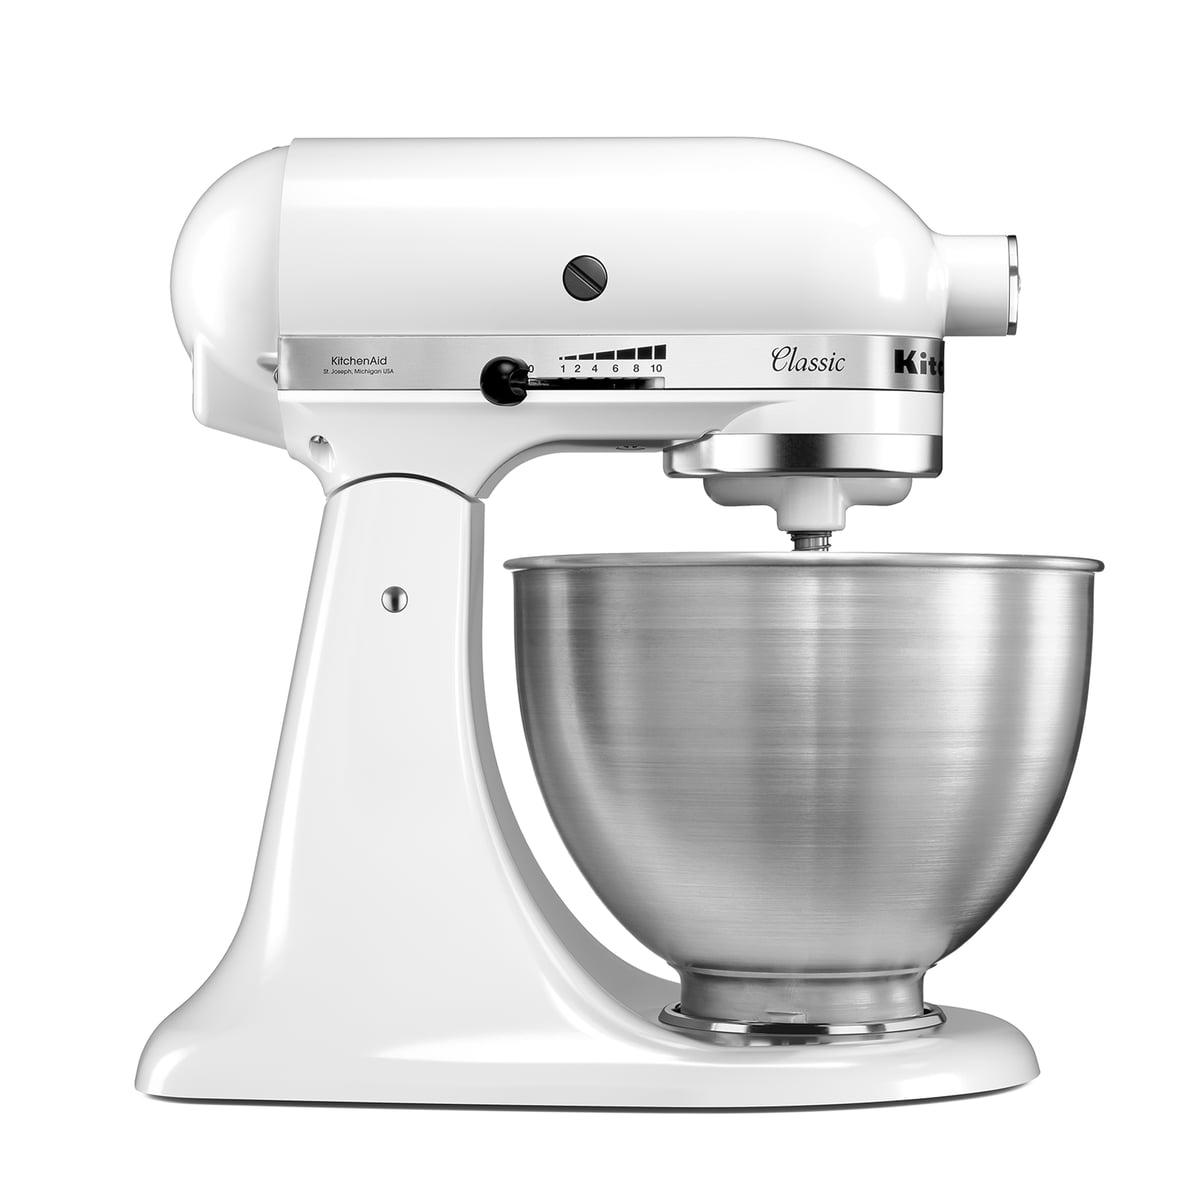 Classic køkkenmaskine 4,3 fra KitchenAid | Connox